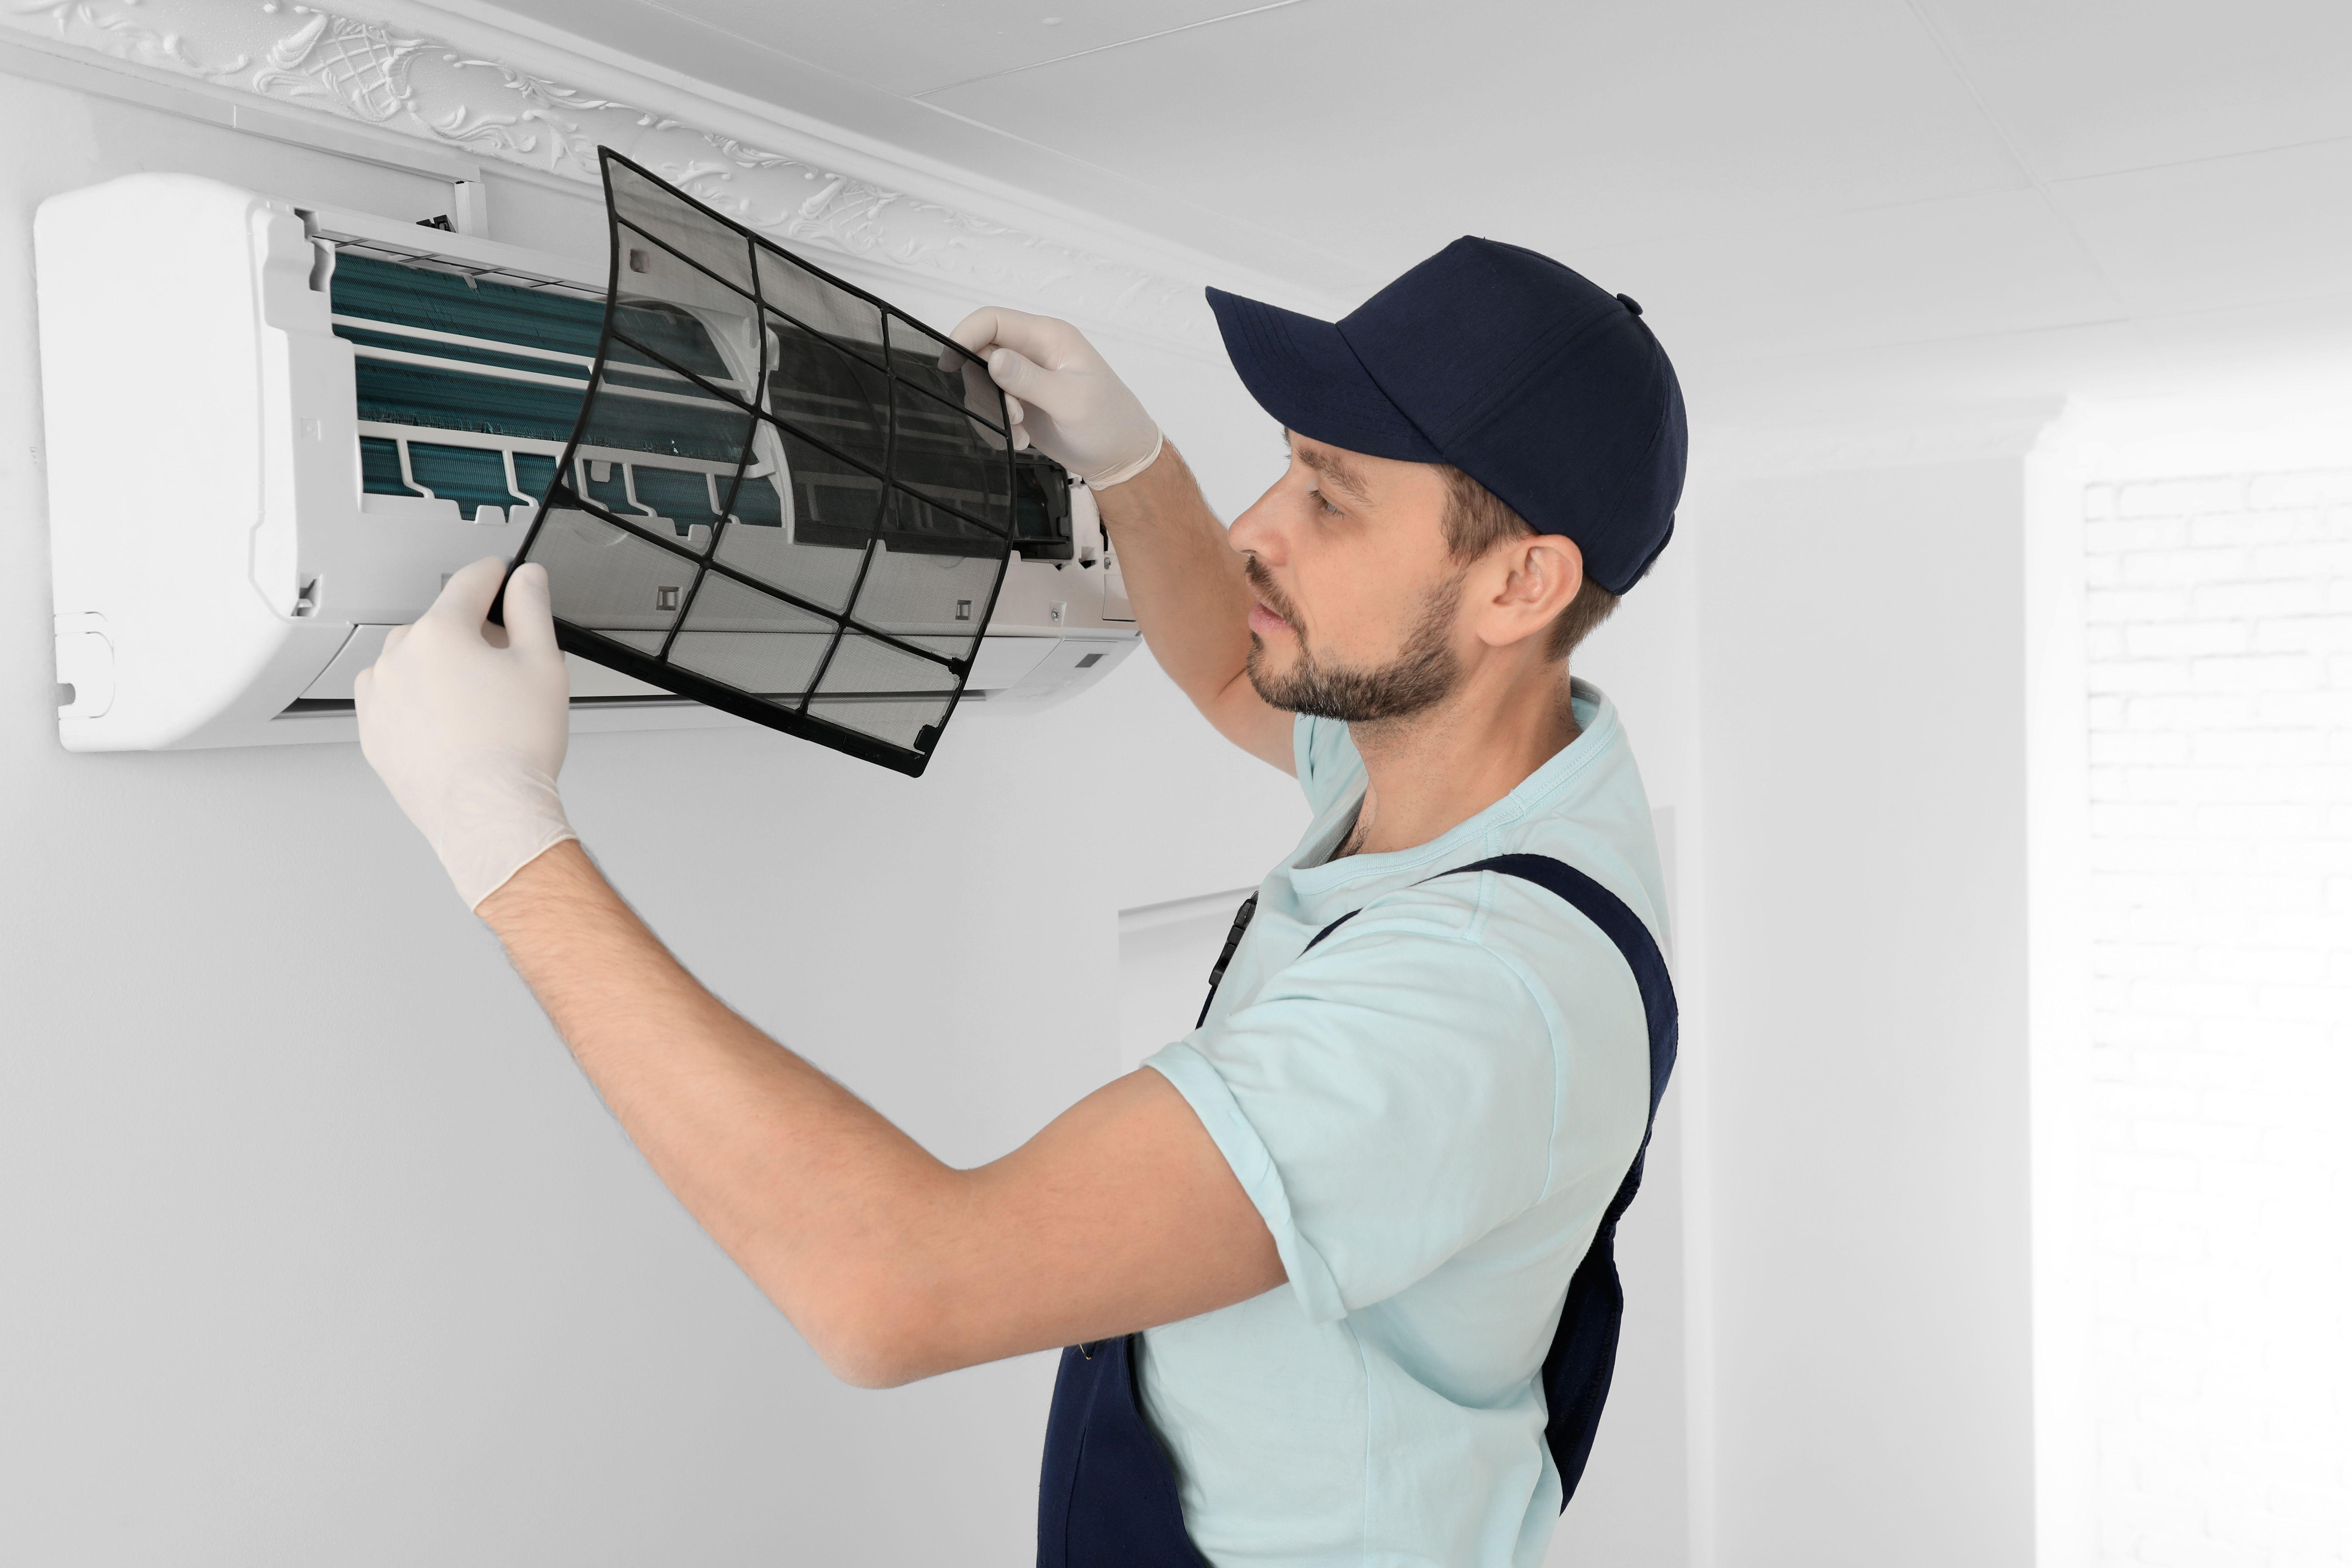 דוברין מיזוג אוויר מזגן כולל התקנה Ar Condicionado